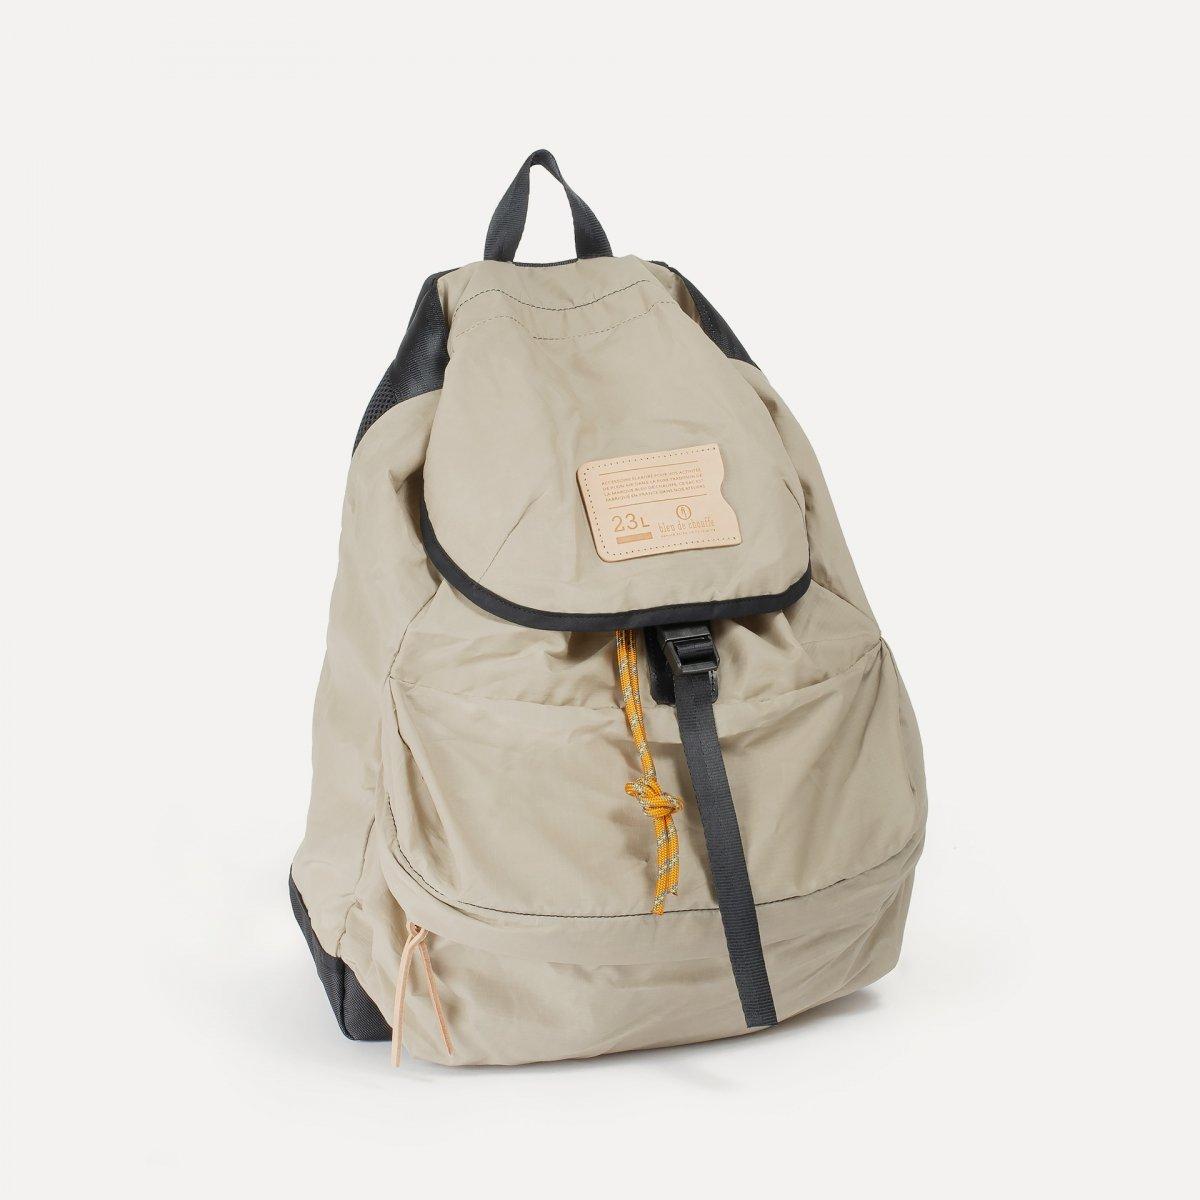 23L Bayou Backpack - Beige (image n°2)